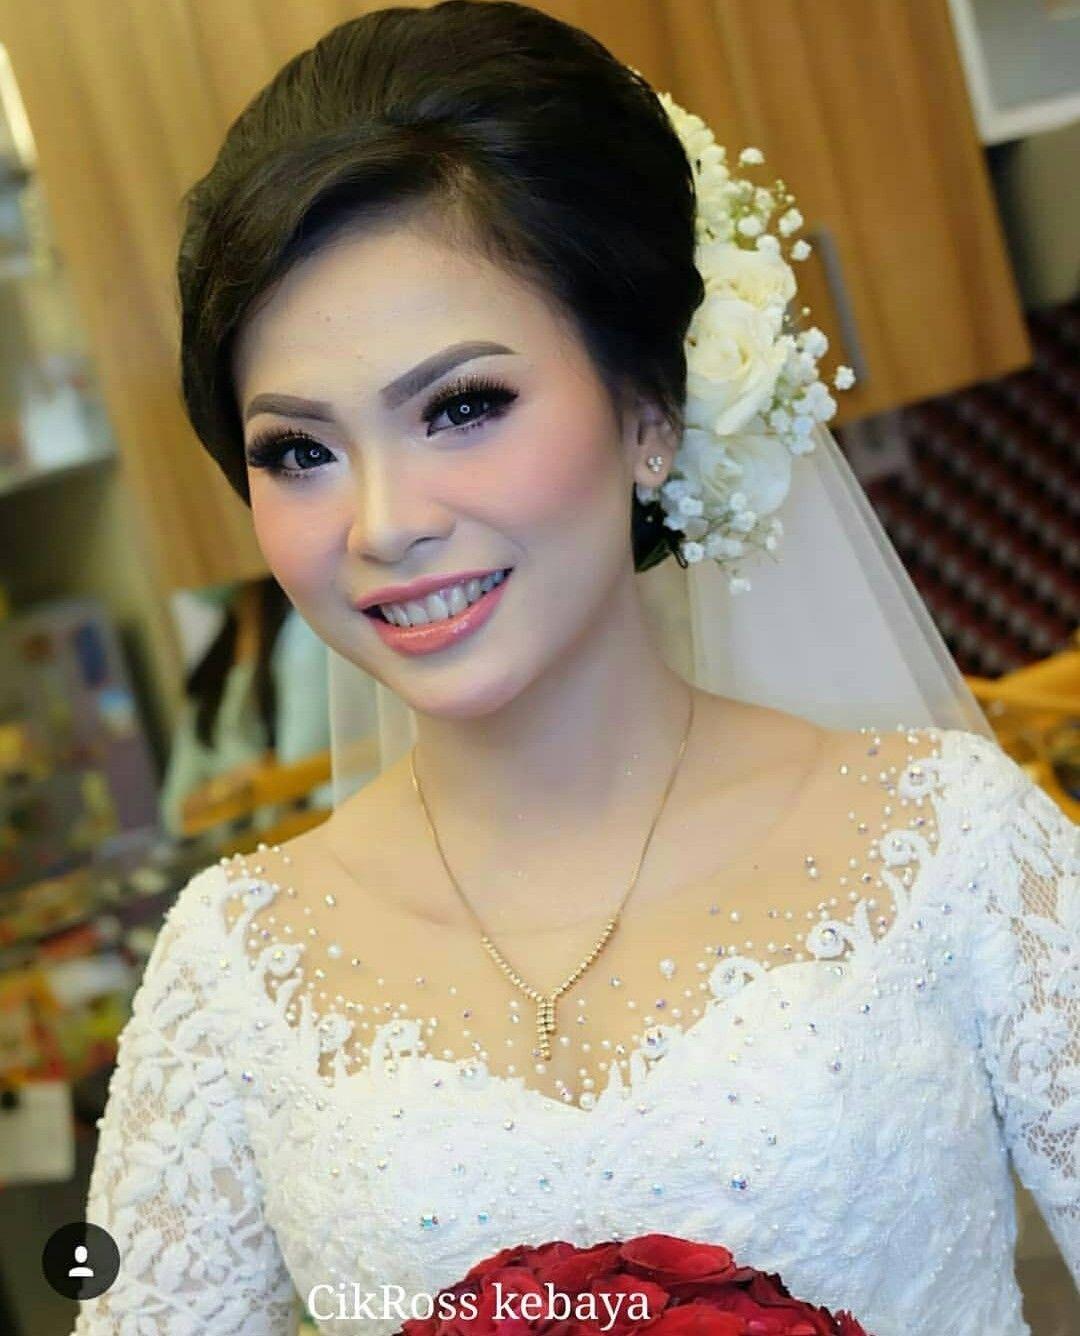 CIKROSS KEBAYA Kebaya pengantin  Kebaya pernikahan, Pengantin